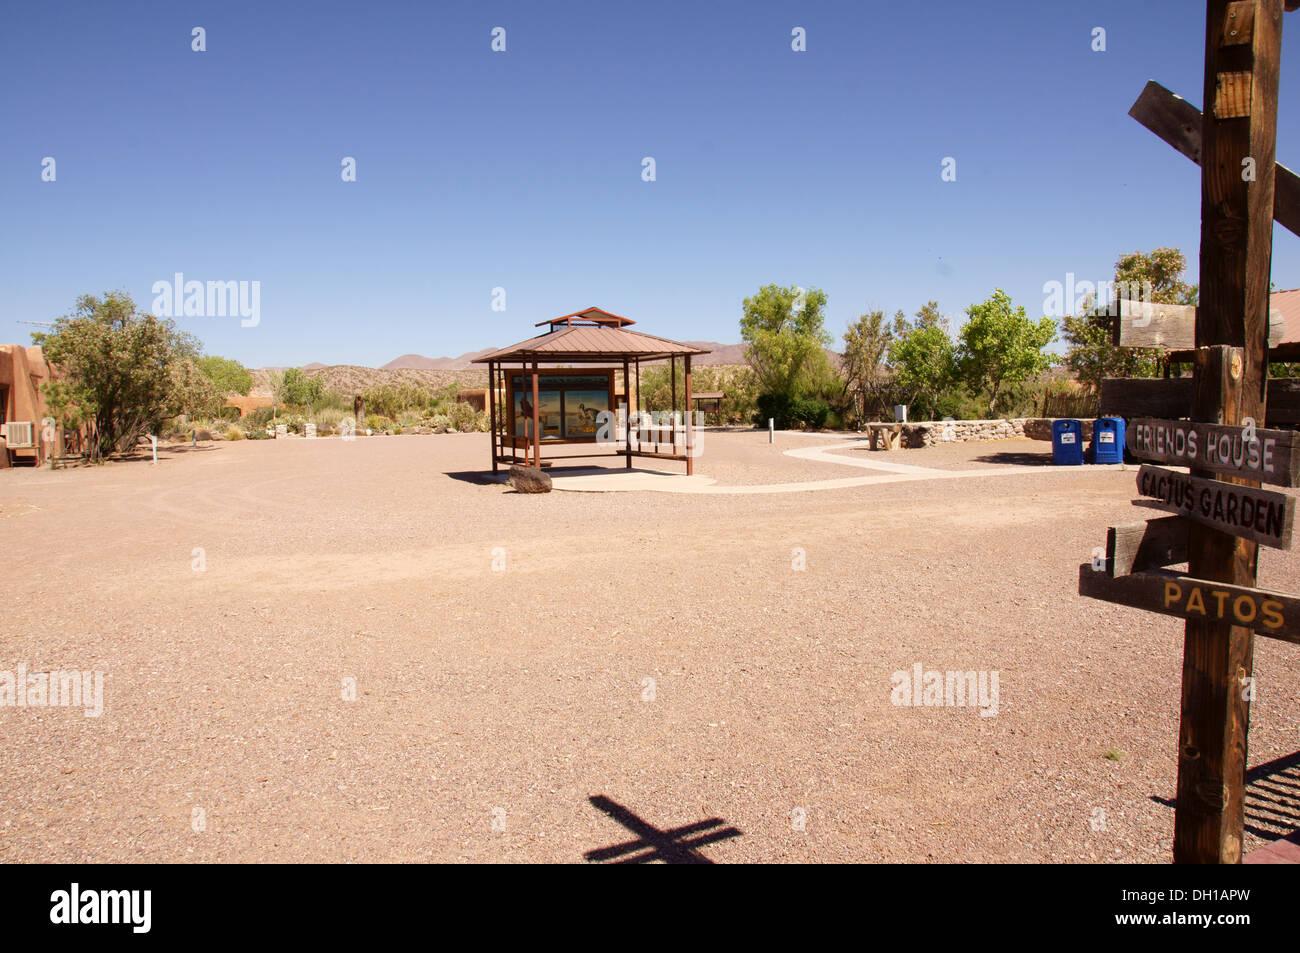 Centro de Visitantes el Bosque del Apache National Wildlife preserve nm new mexico refugio socorro condado servicio de pescado Foto de stock